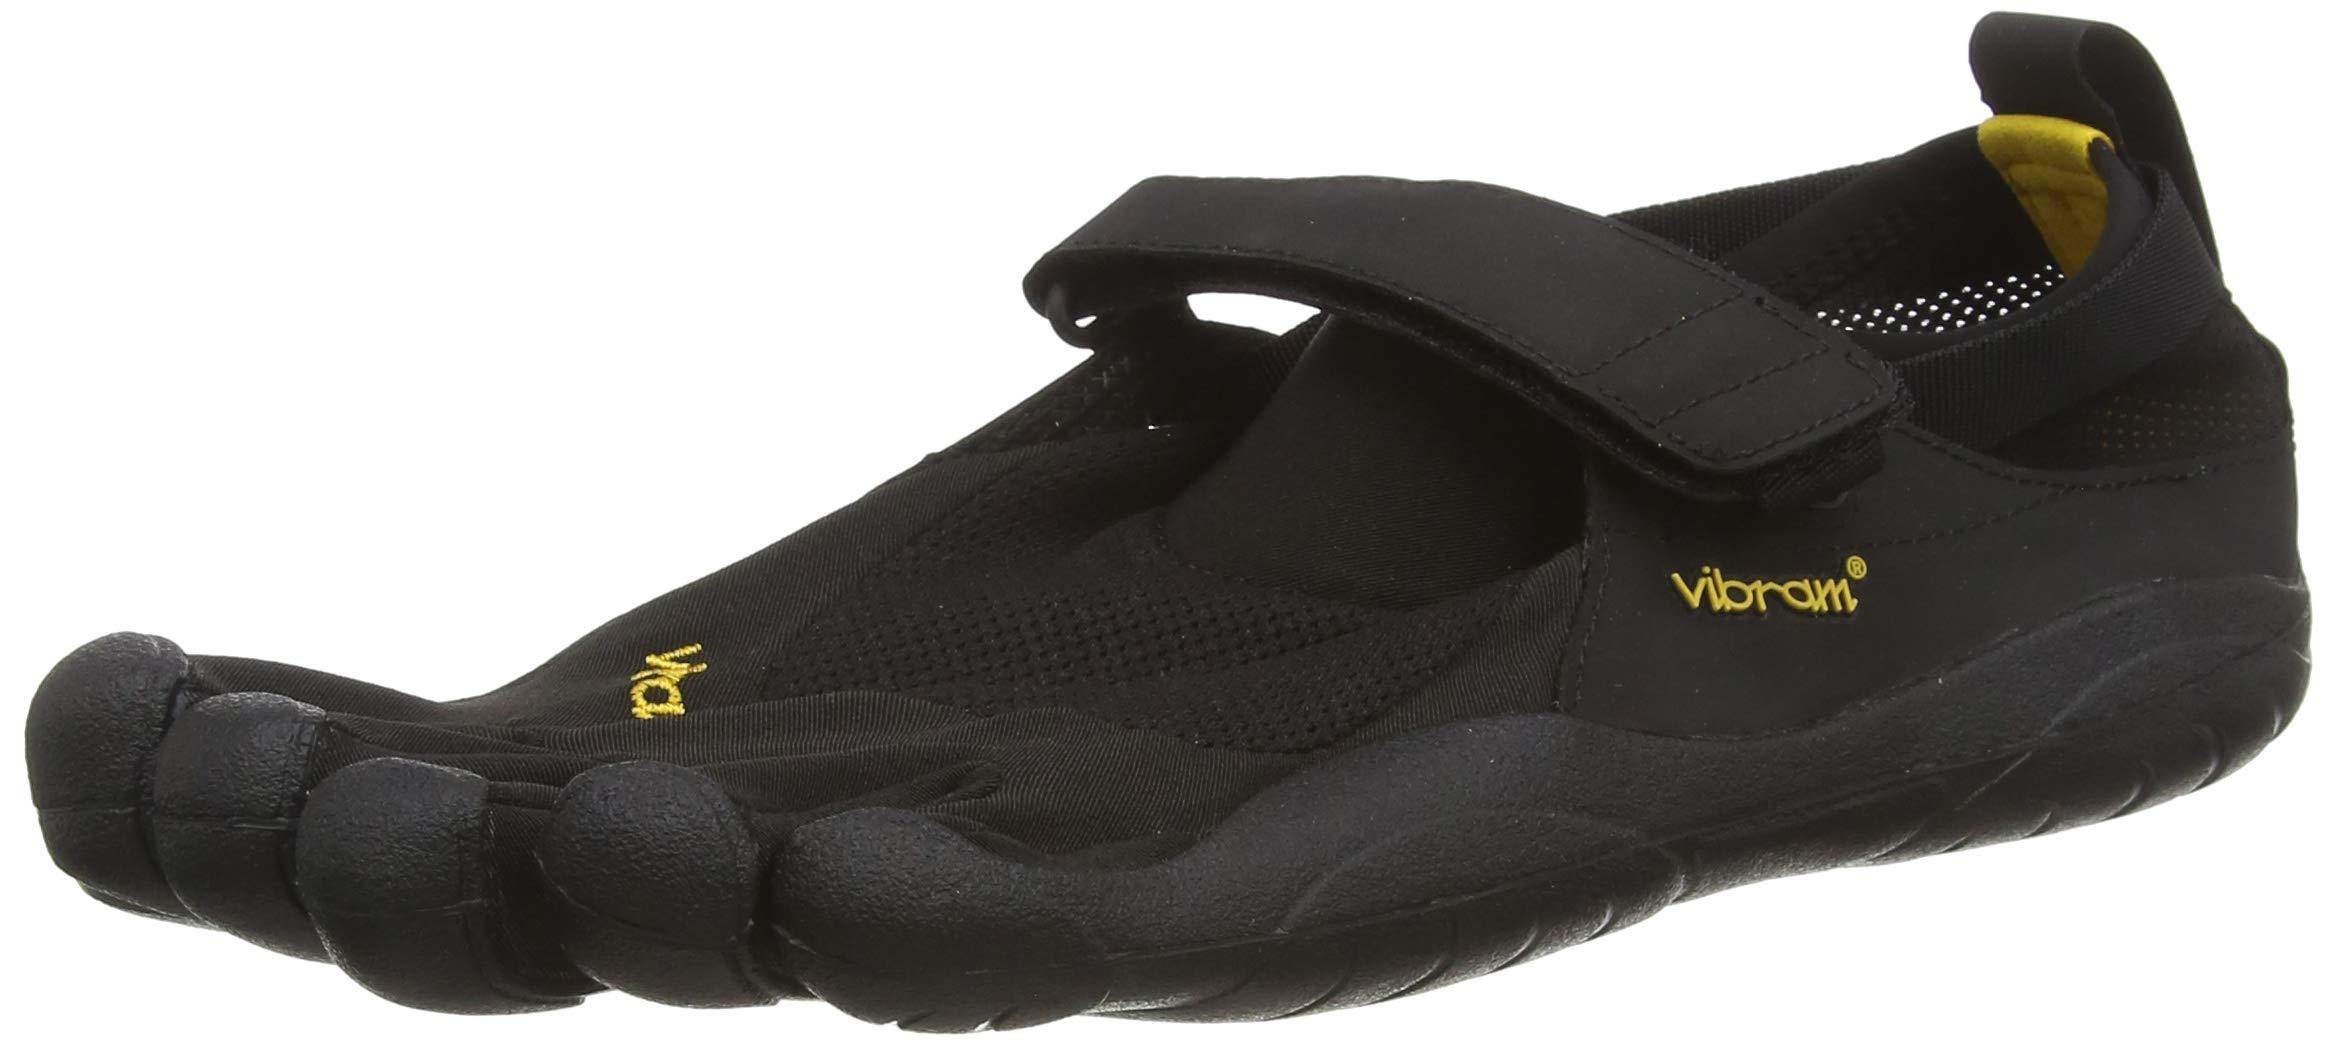 Vibram Fivefingers Water Shoes Black